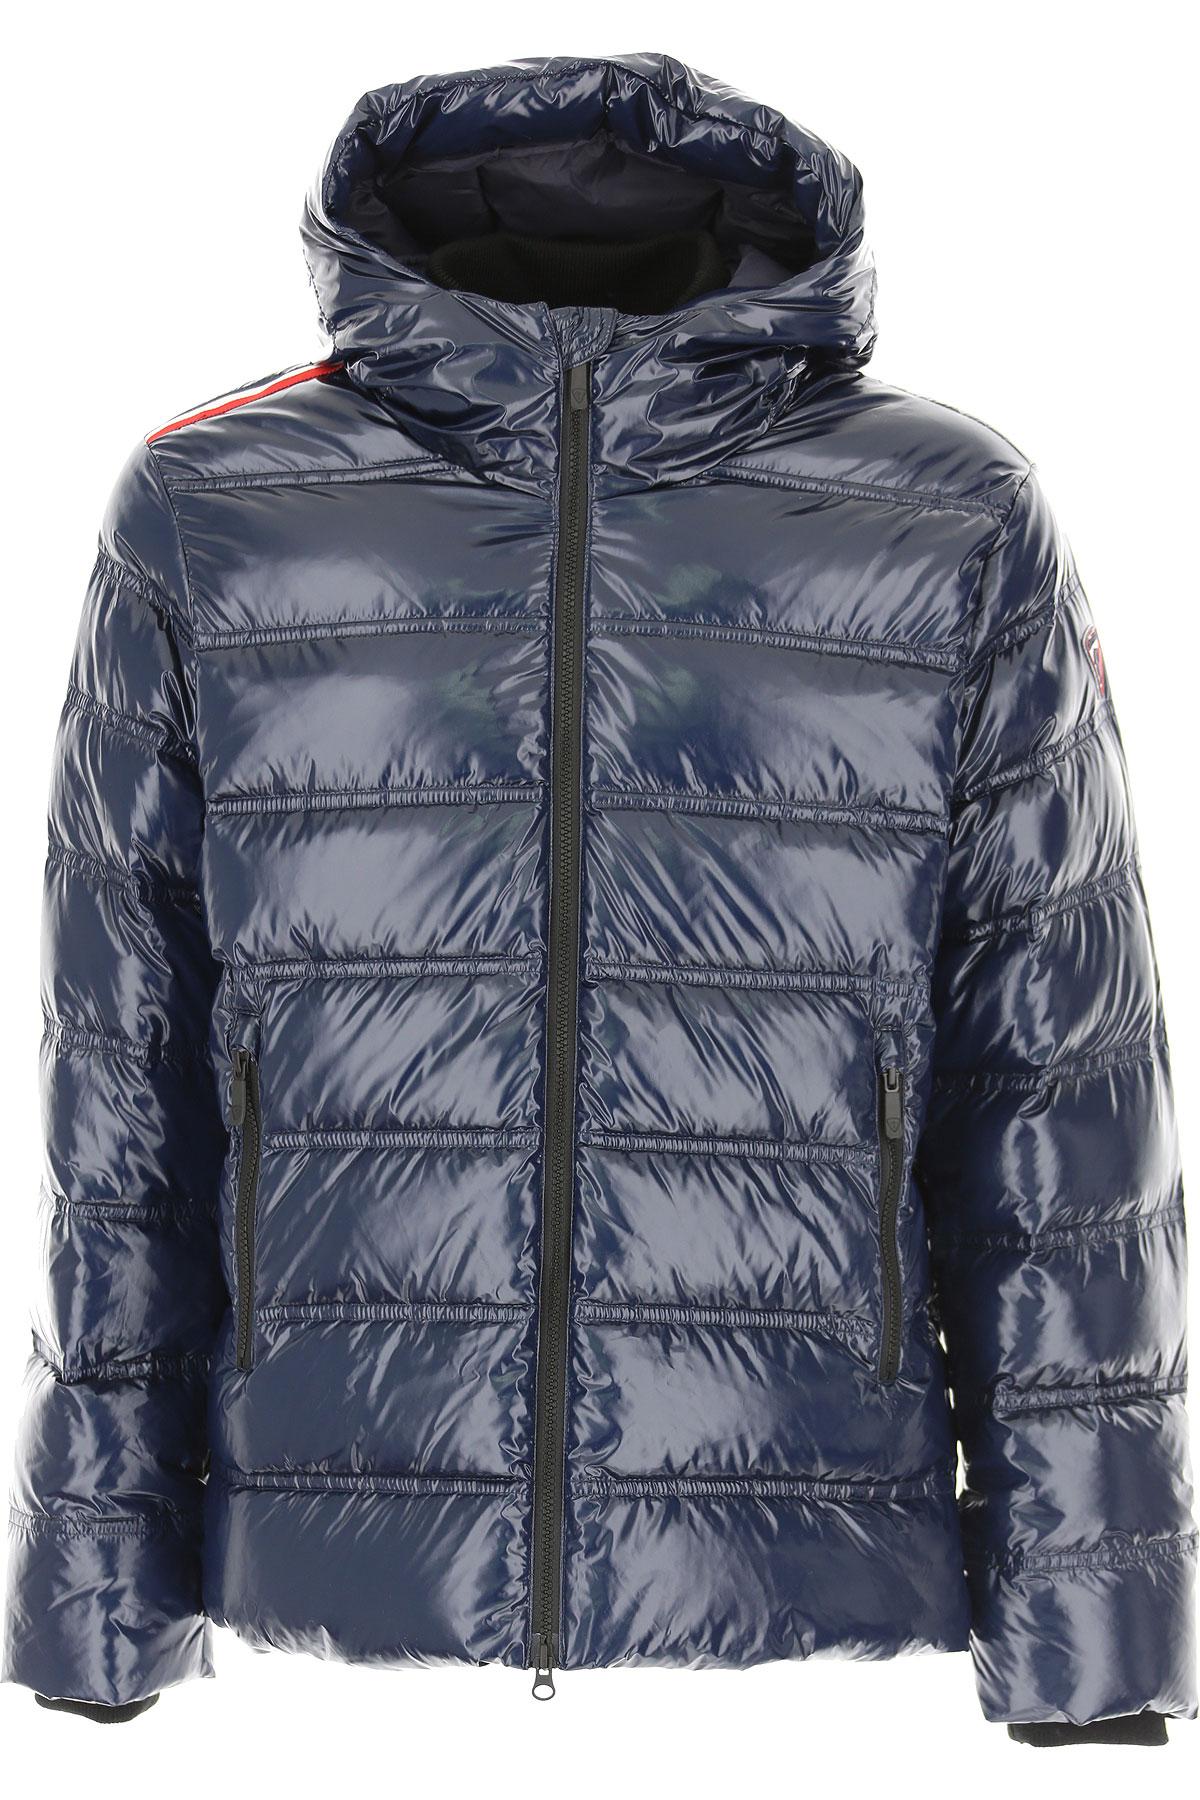 Rossignol Down Jacket for Men, Puffer Ski Jacket On Sale, Dark Navy Blue, Down, 2019, L M XL